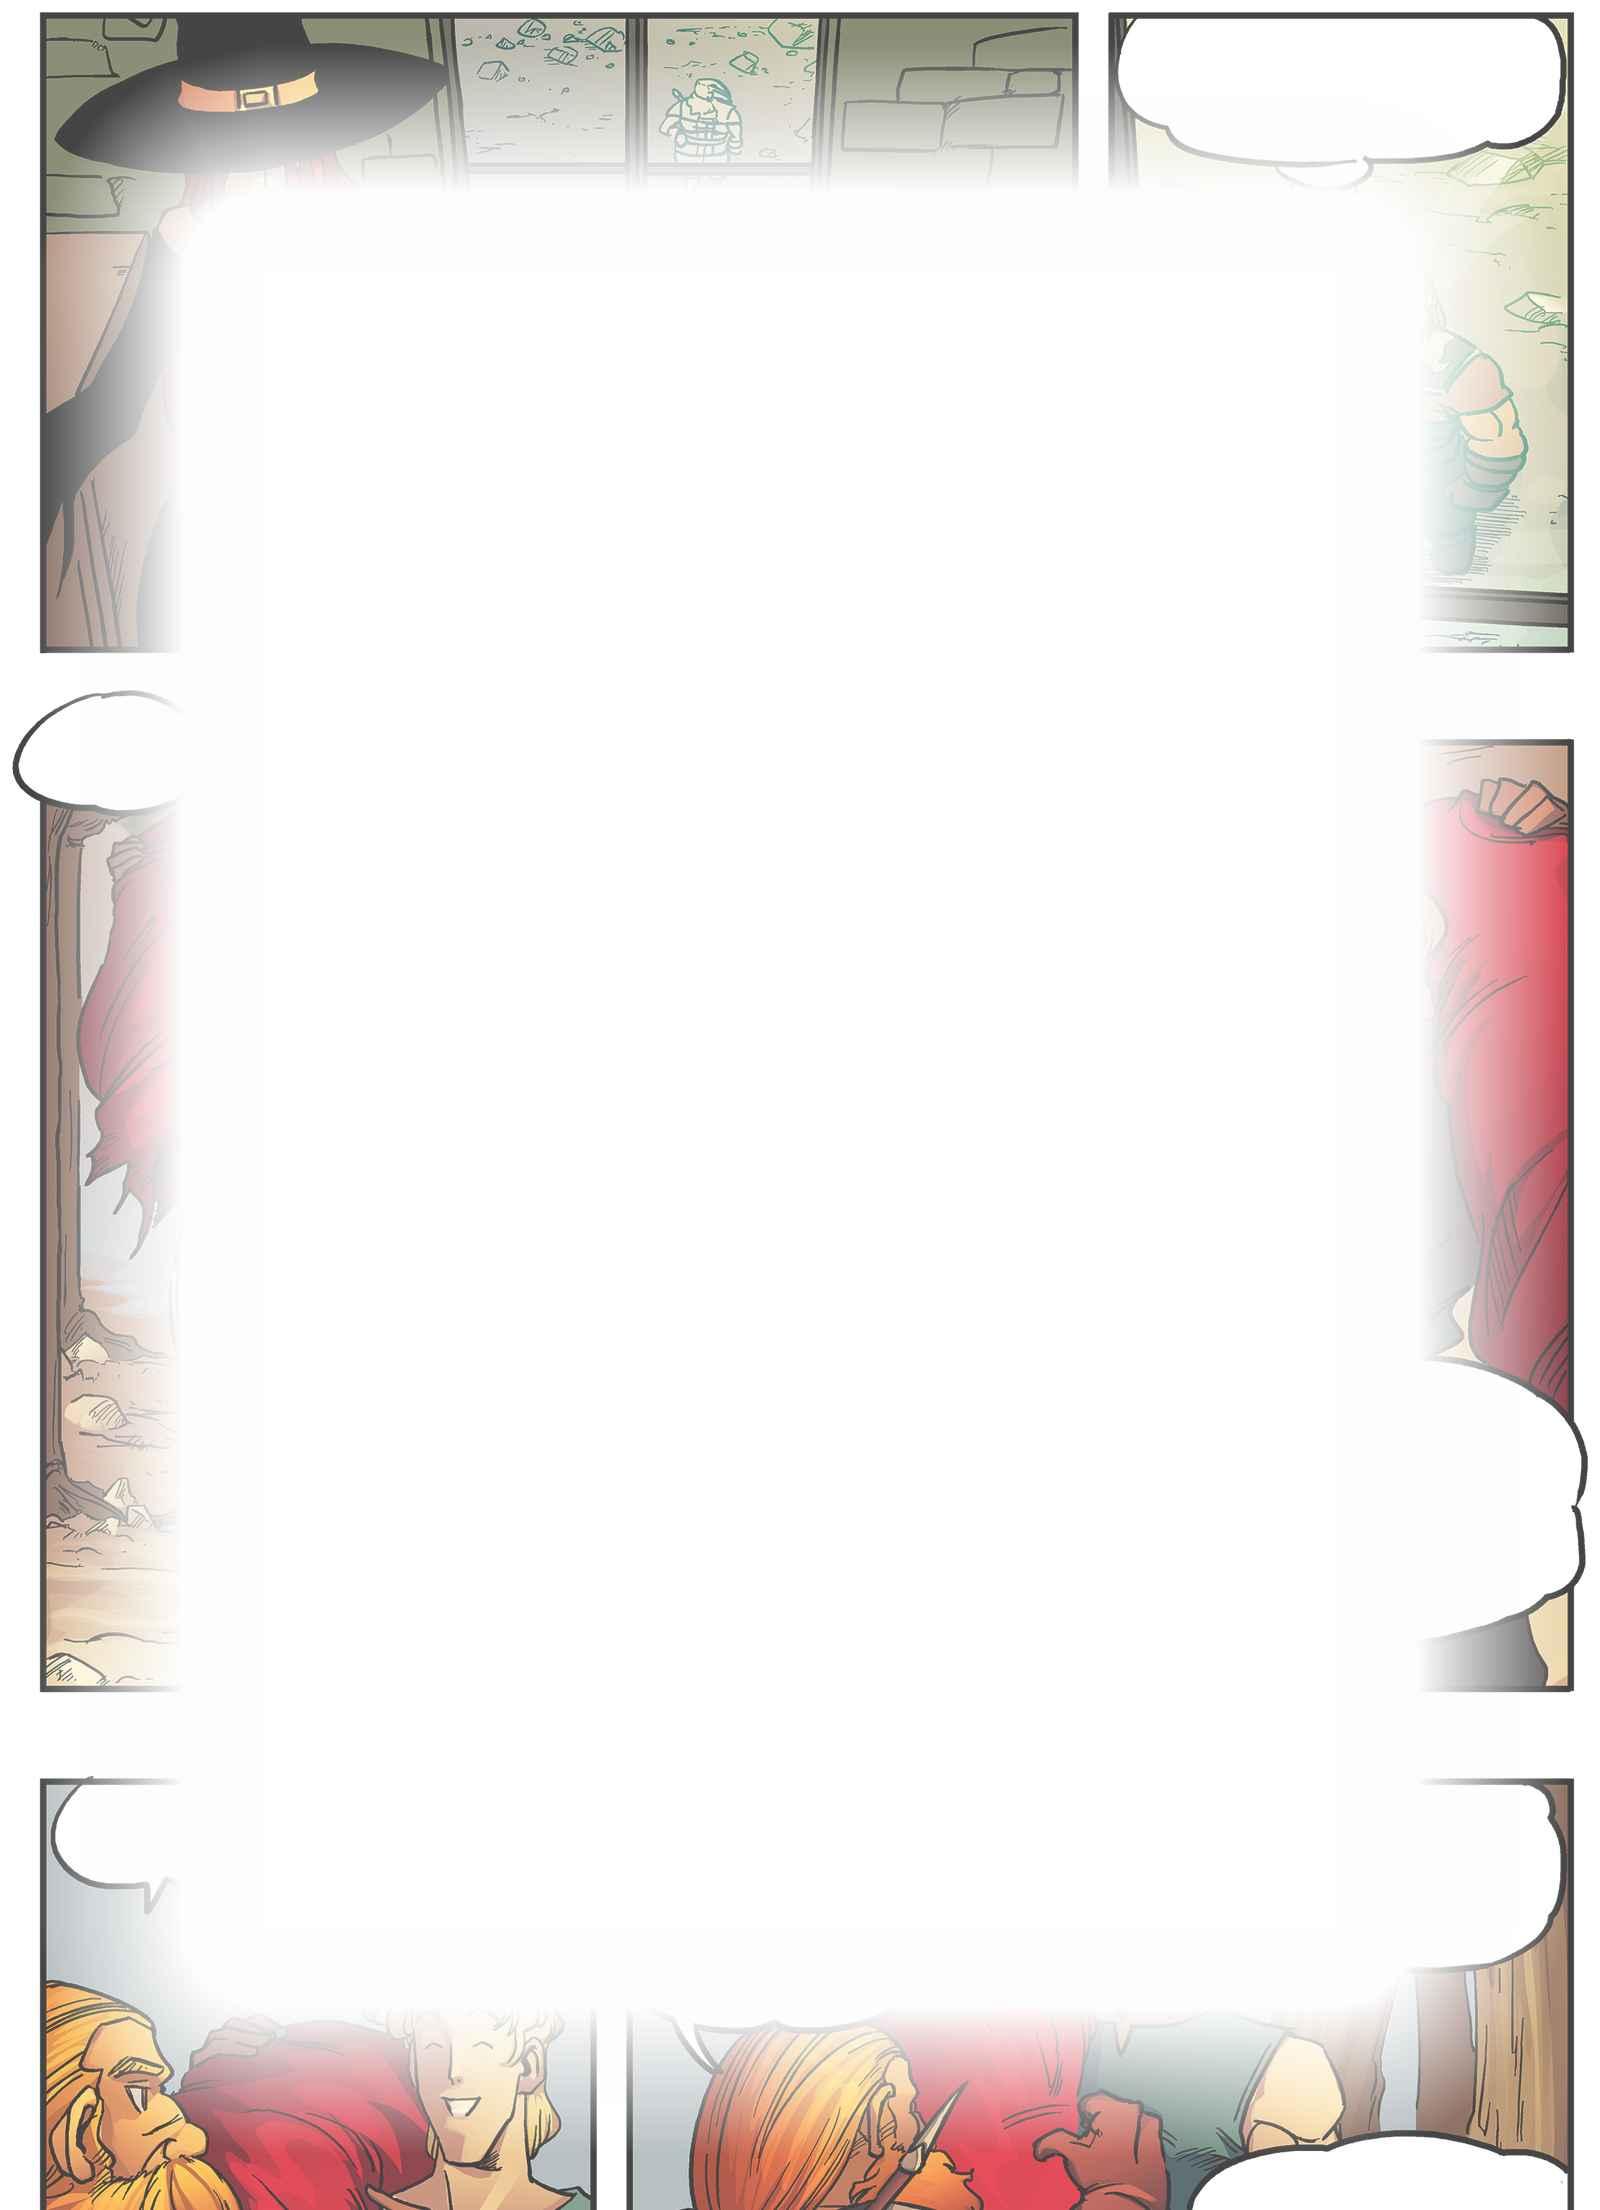 Hemisferios : Capítulo 11 página 18